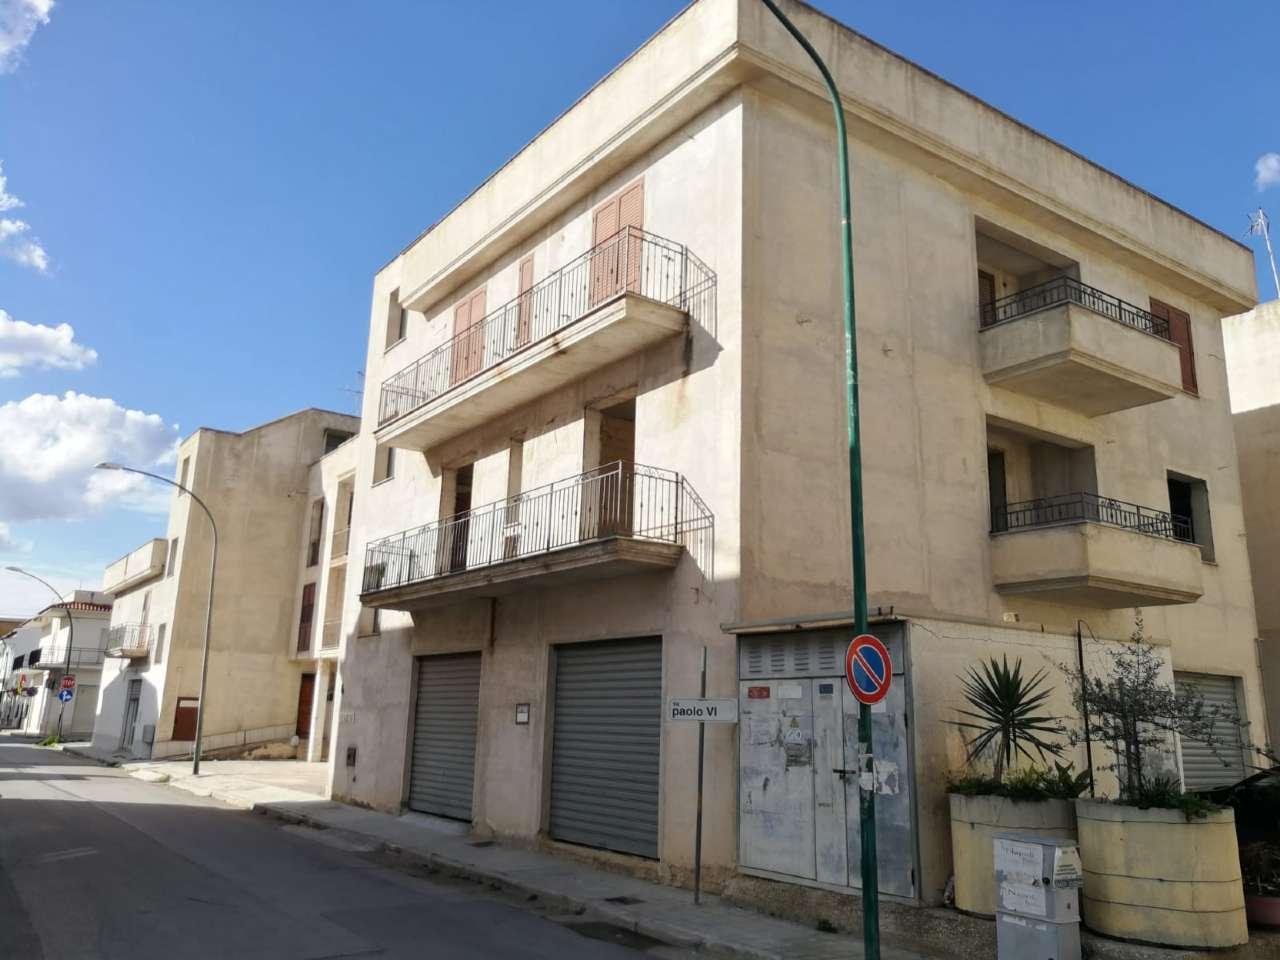 Appartamento in vendita a Castelvetrano, 9999 locali, prezzo € 90.000   CambioCasa.it